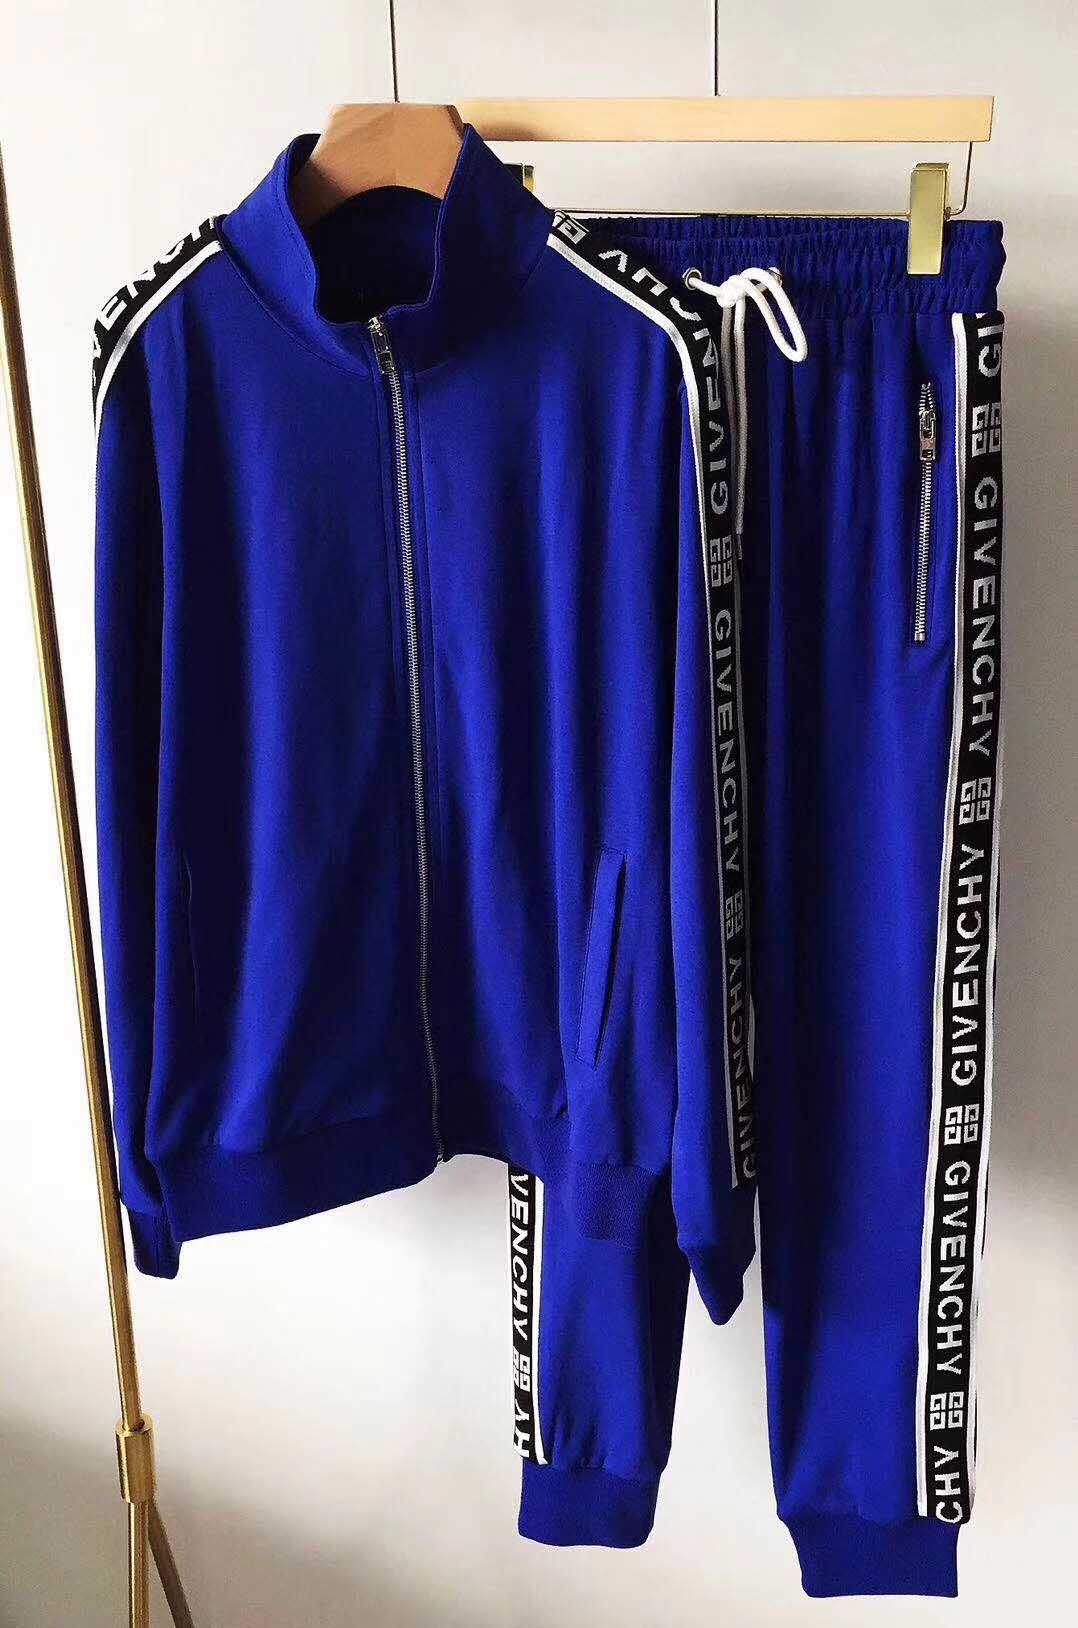 2020ss Fashion Designers Survêtement Printemps Automne Casual unisexe Marque de sport Costumes Hommes piste de haute qualité Hoodies Vêtements pour hommes